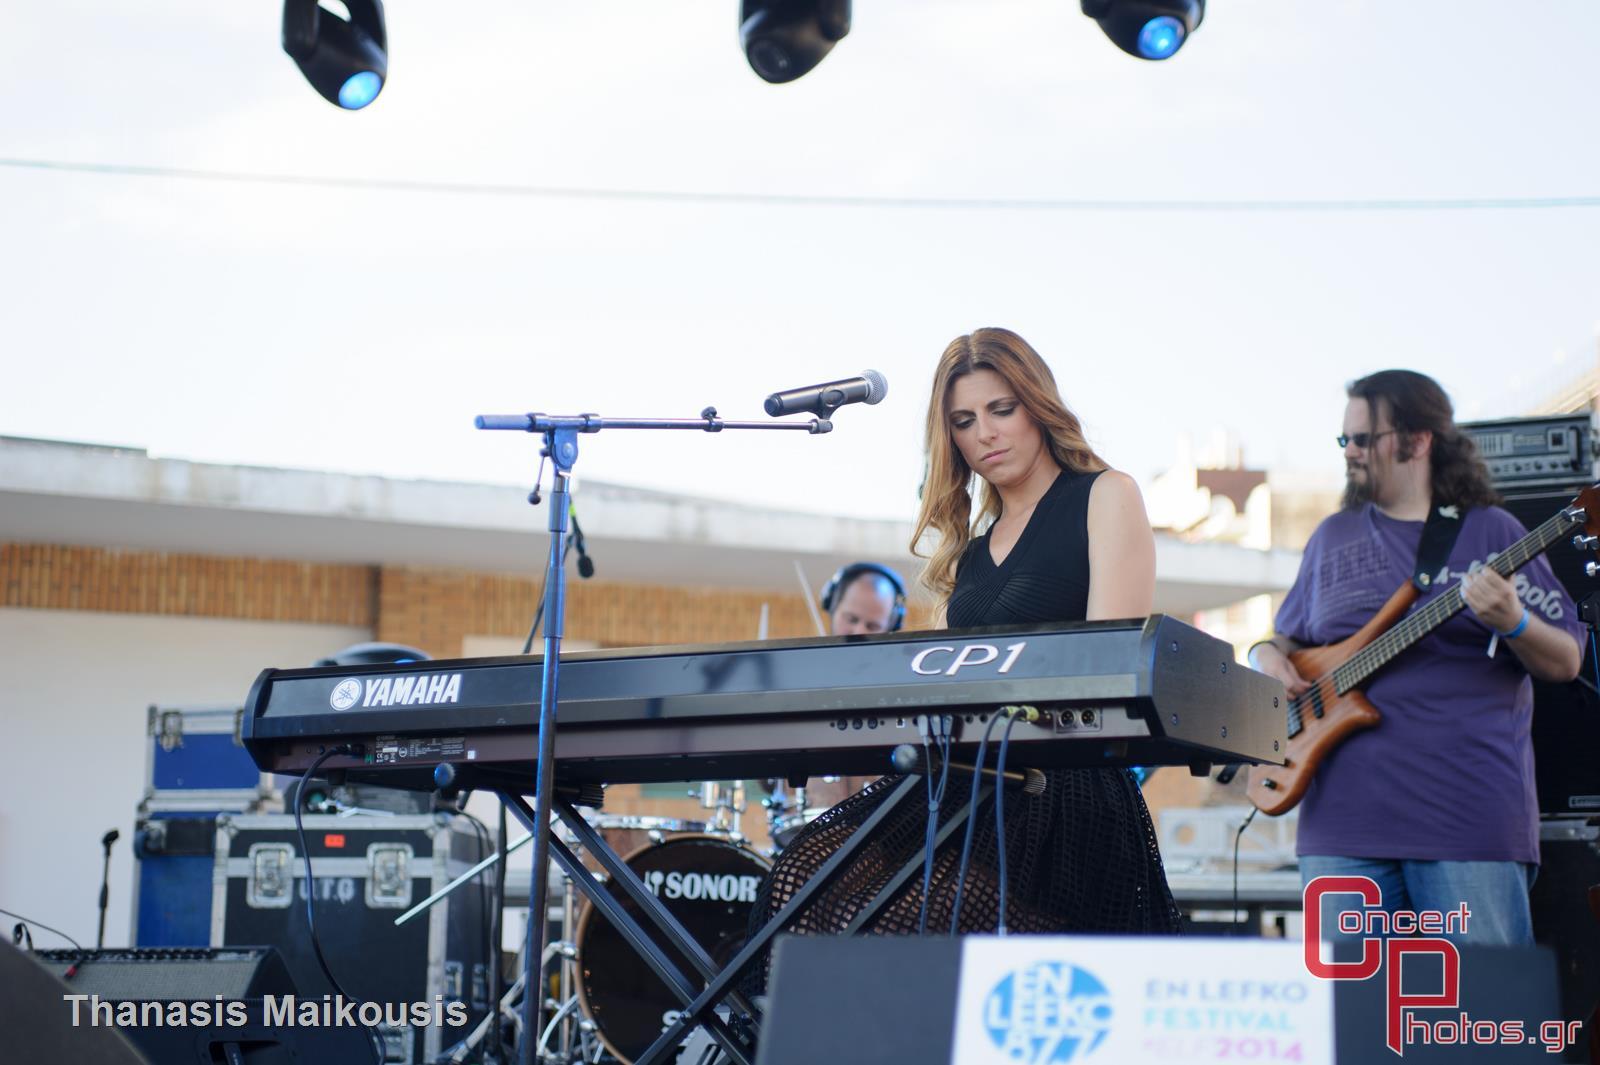 En Lefko 2014-En Lefko 2014 photographer: Thanasis Maikousis - concertphotos_20140621_19_29_46